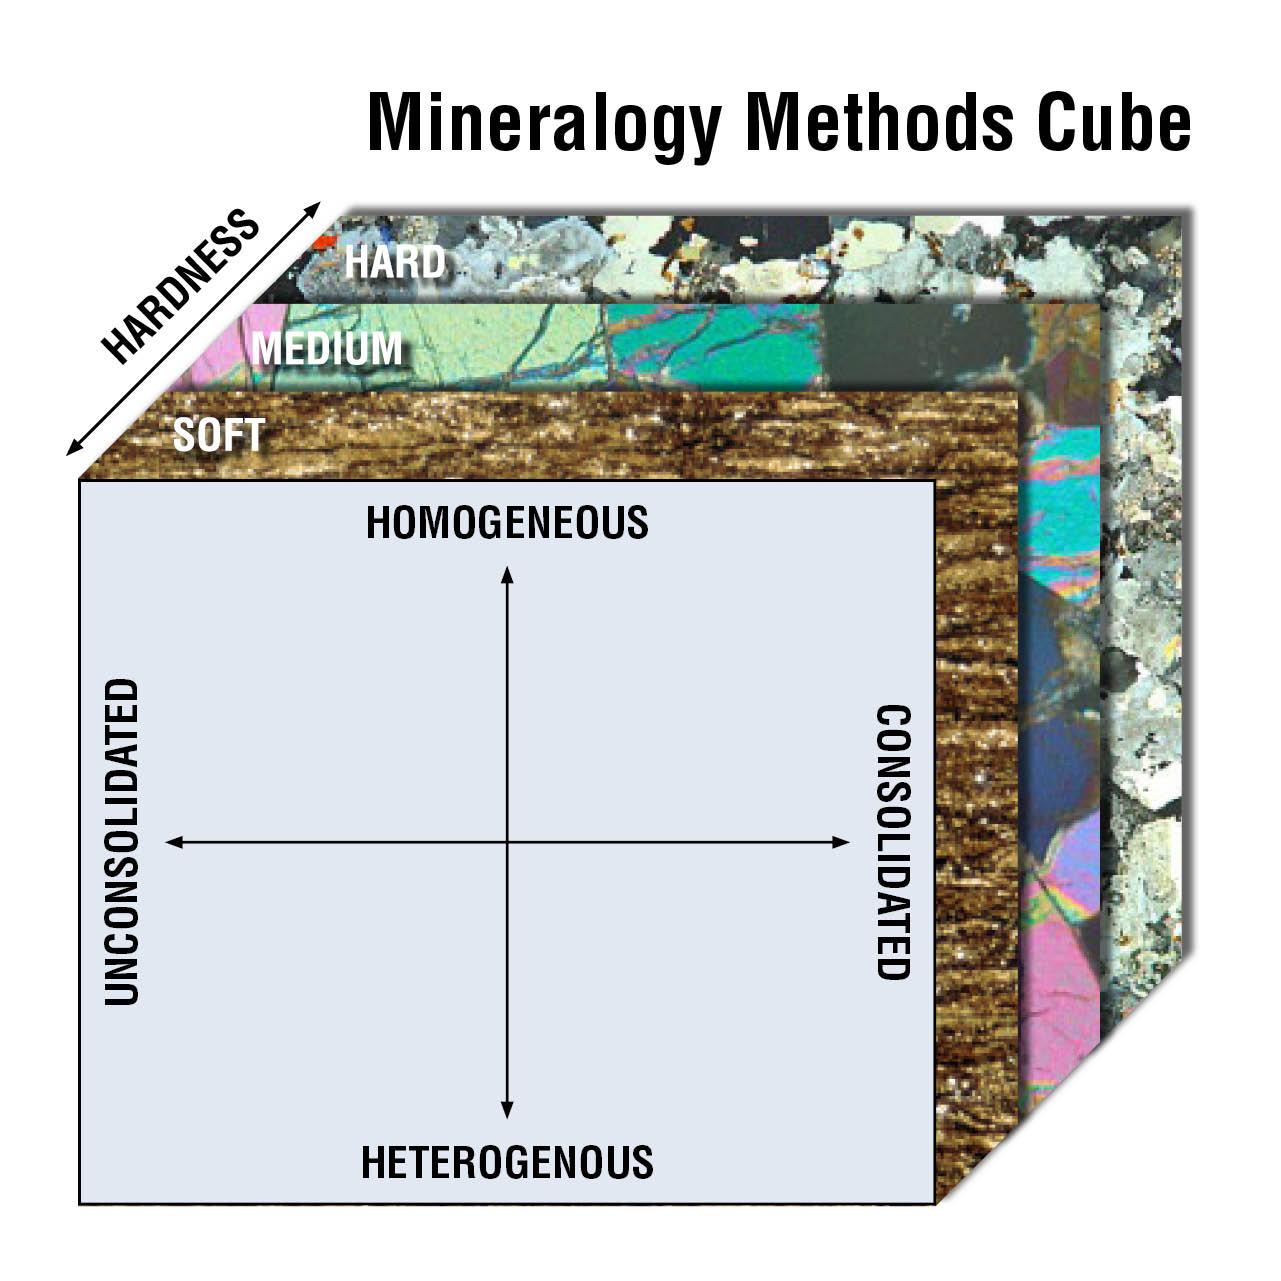 Mineralogy Method Cube